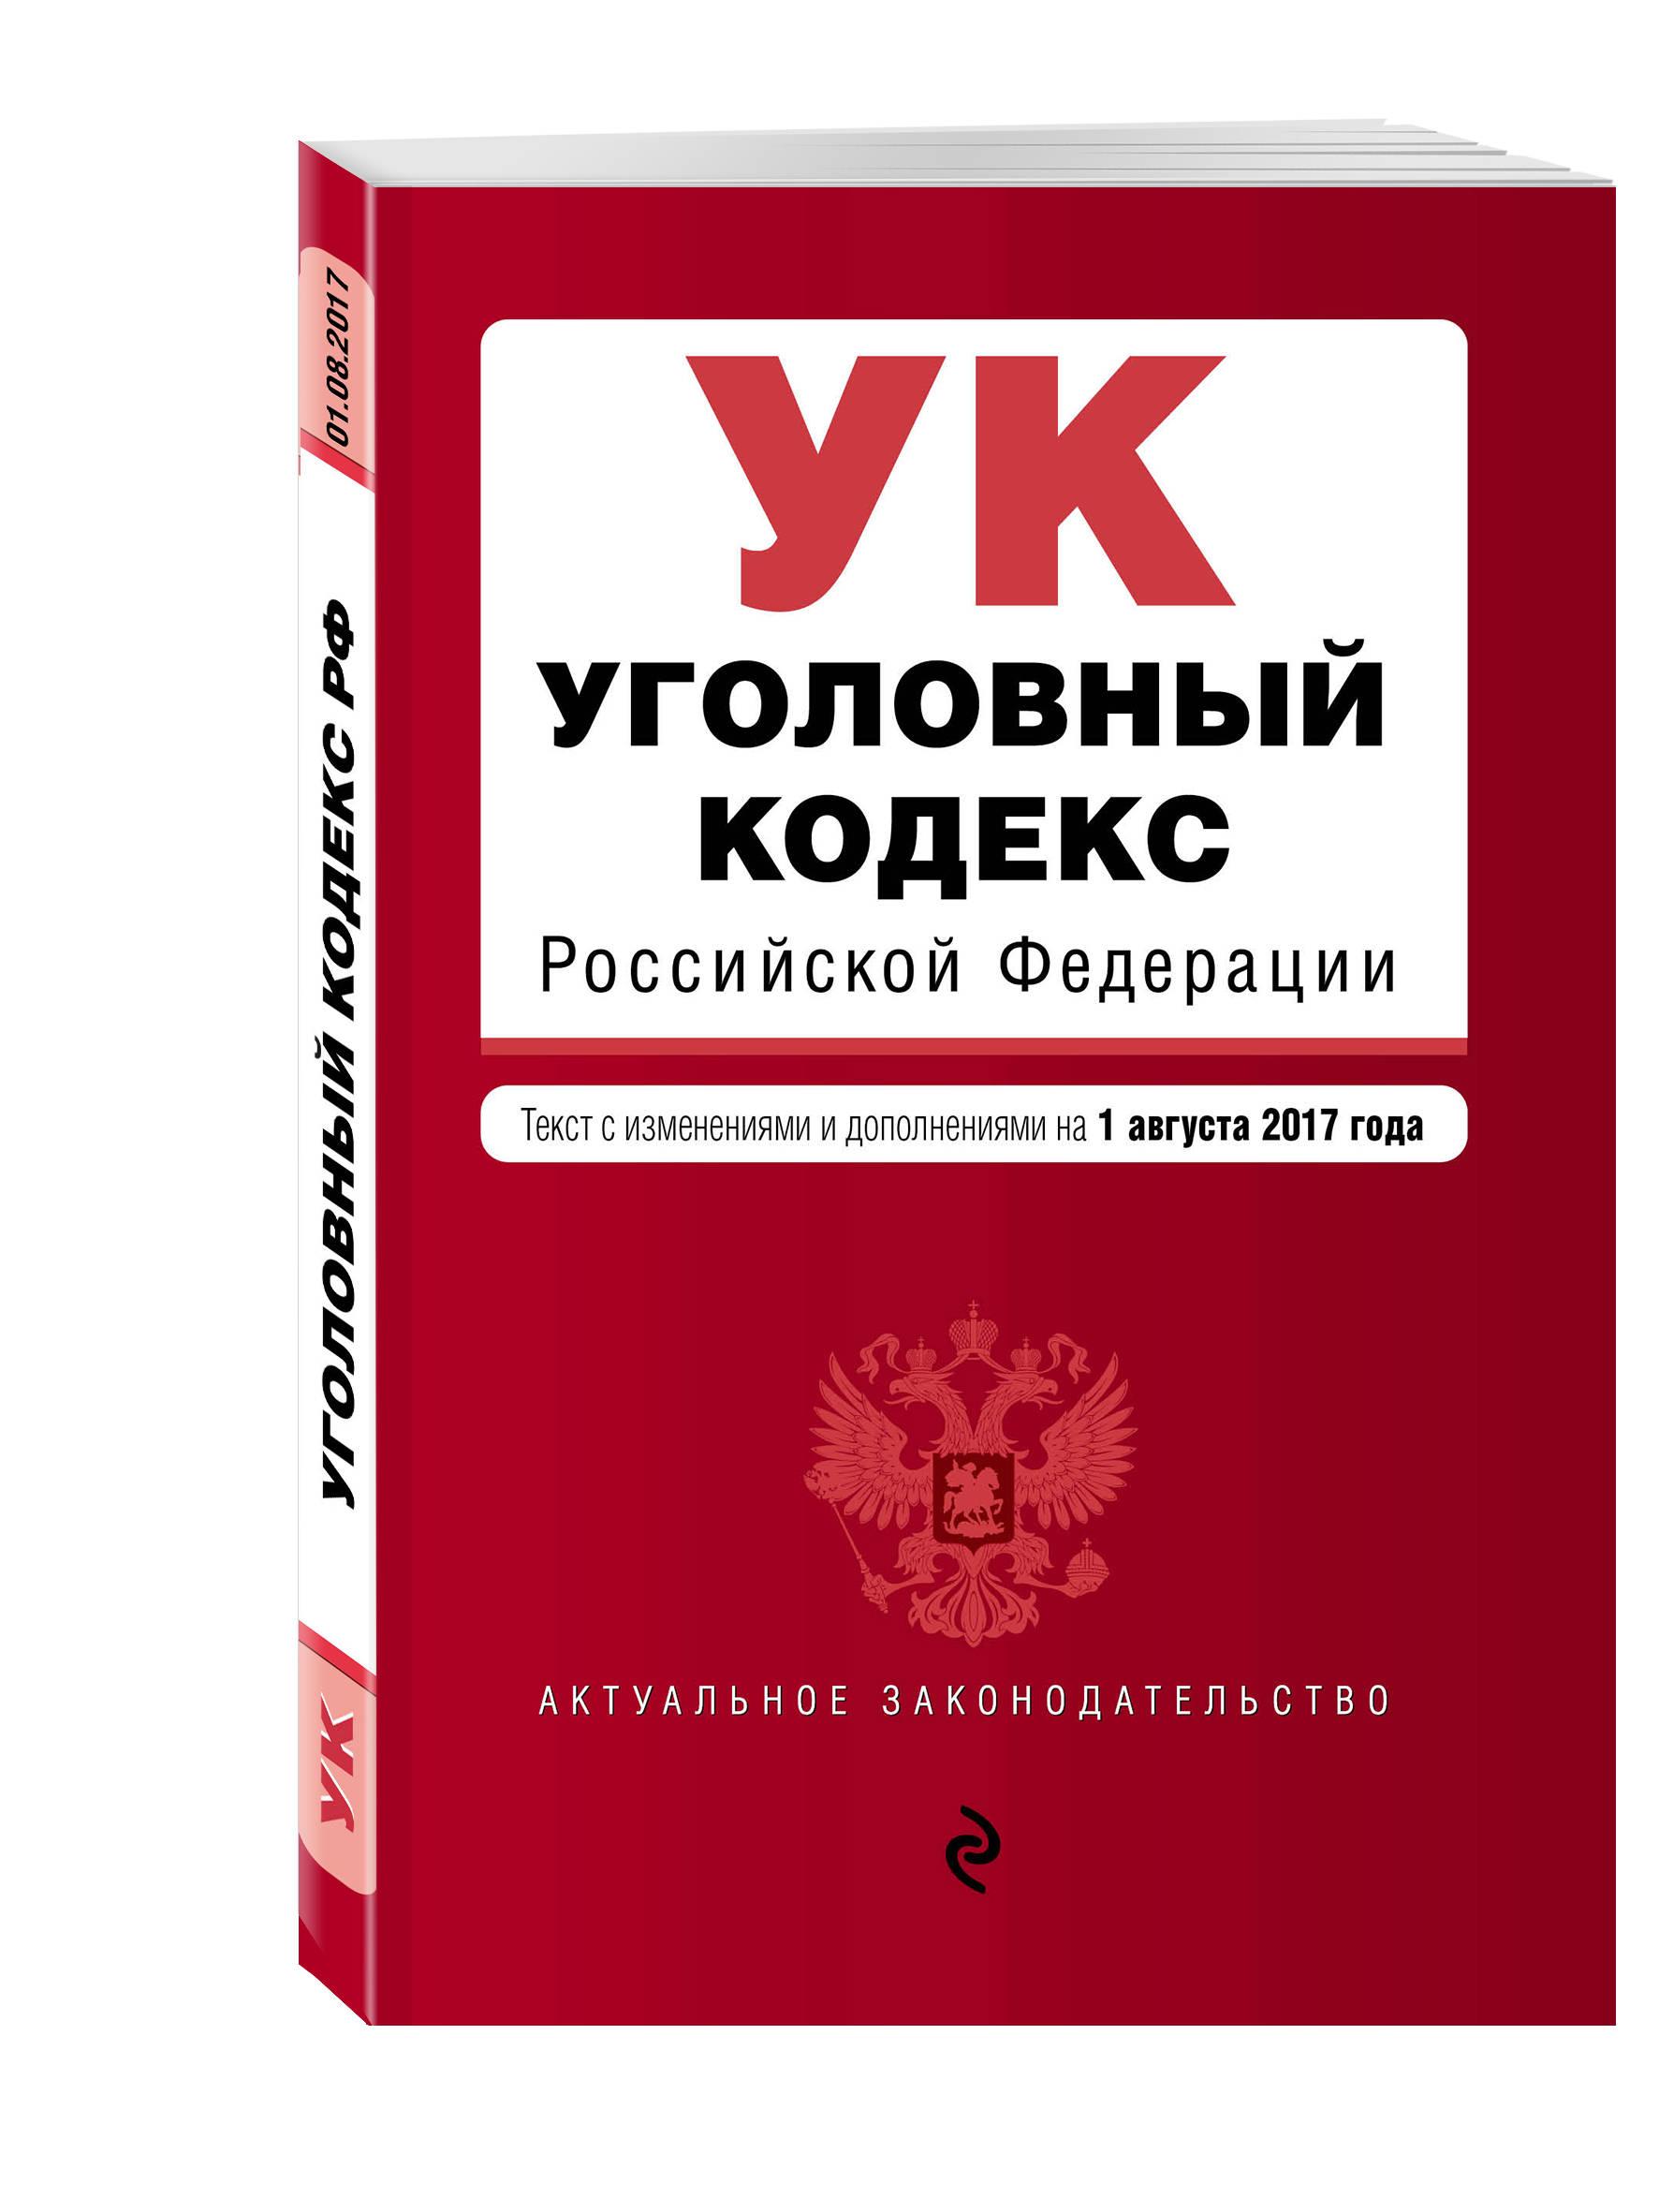 Уголовный кодекс Российской Федерации : текст с последними изм. и доп. на 1 августа 2017 г.